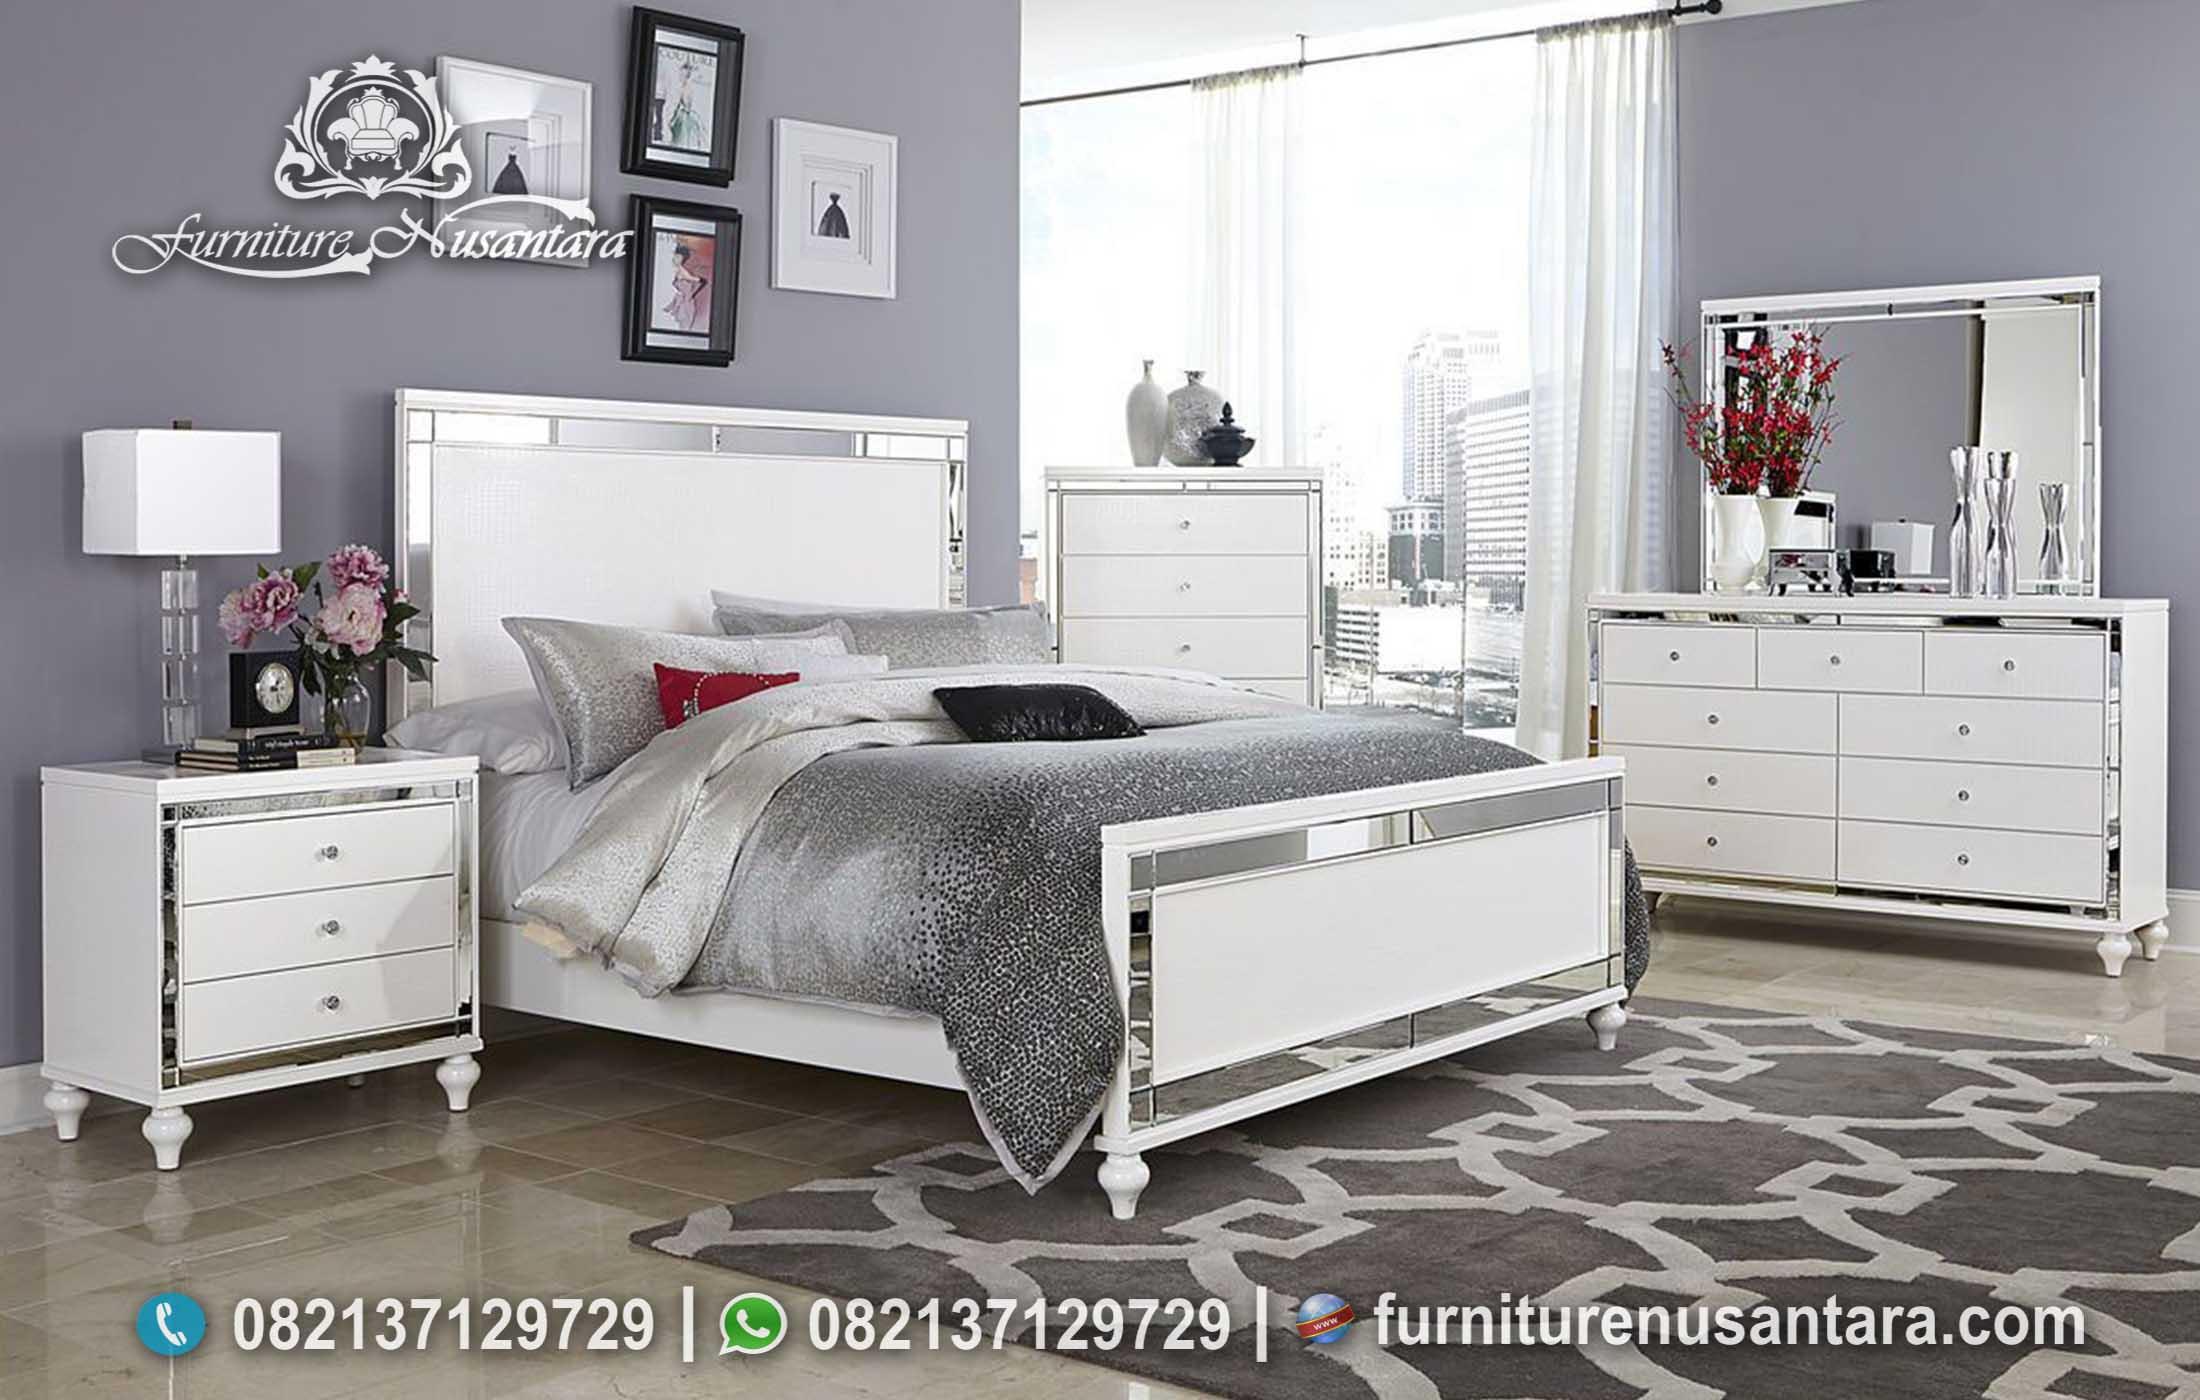 Kamar Minimalis Anak Modern KS-78, Furniture Nusantara